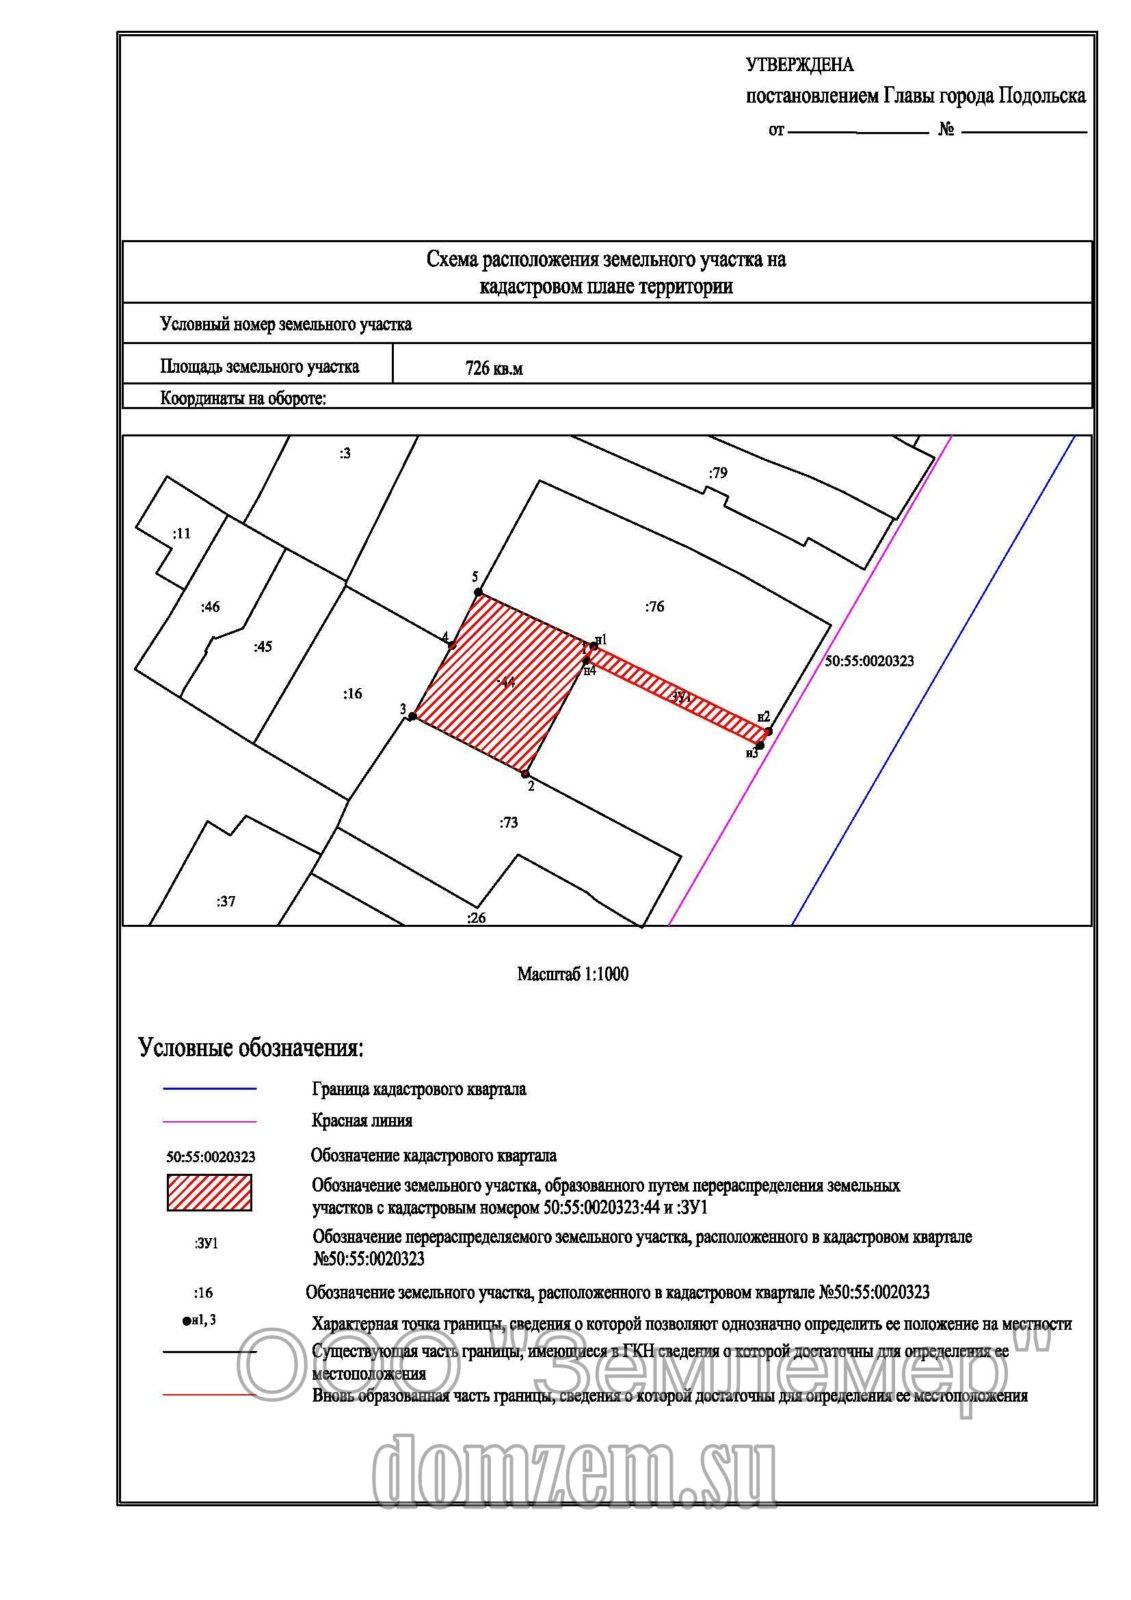 Росреестр схема расположения земельного участка фото 657